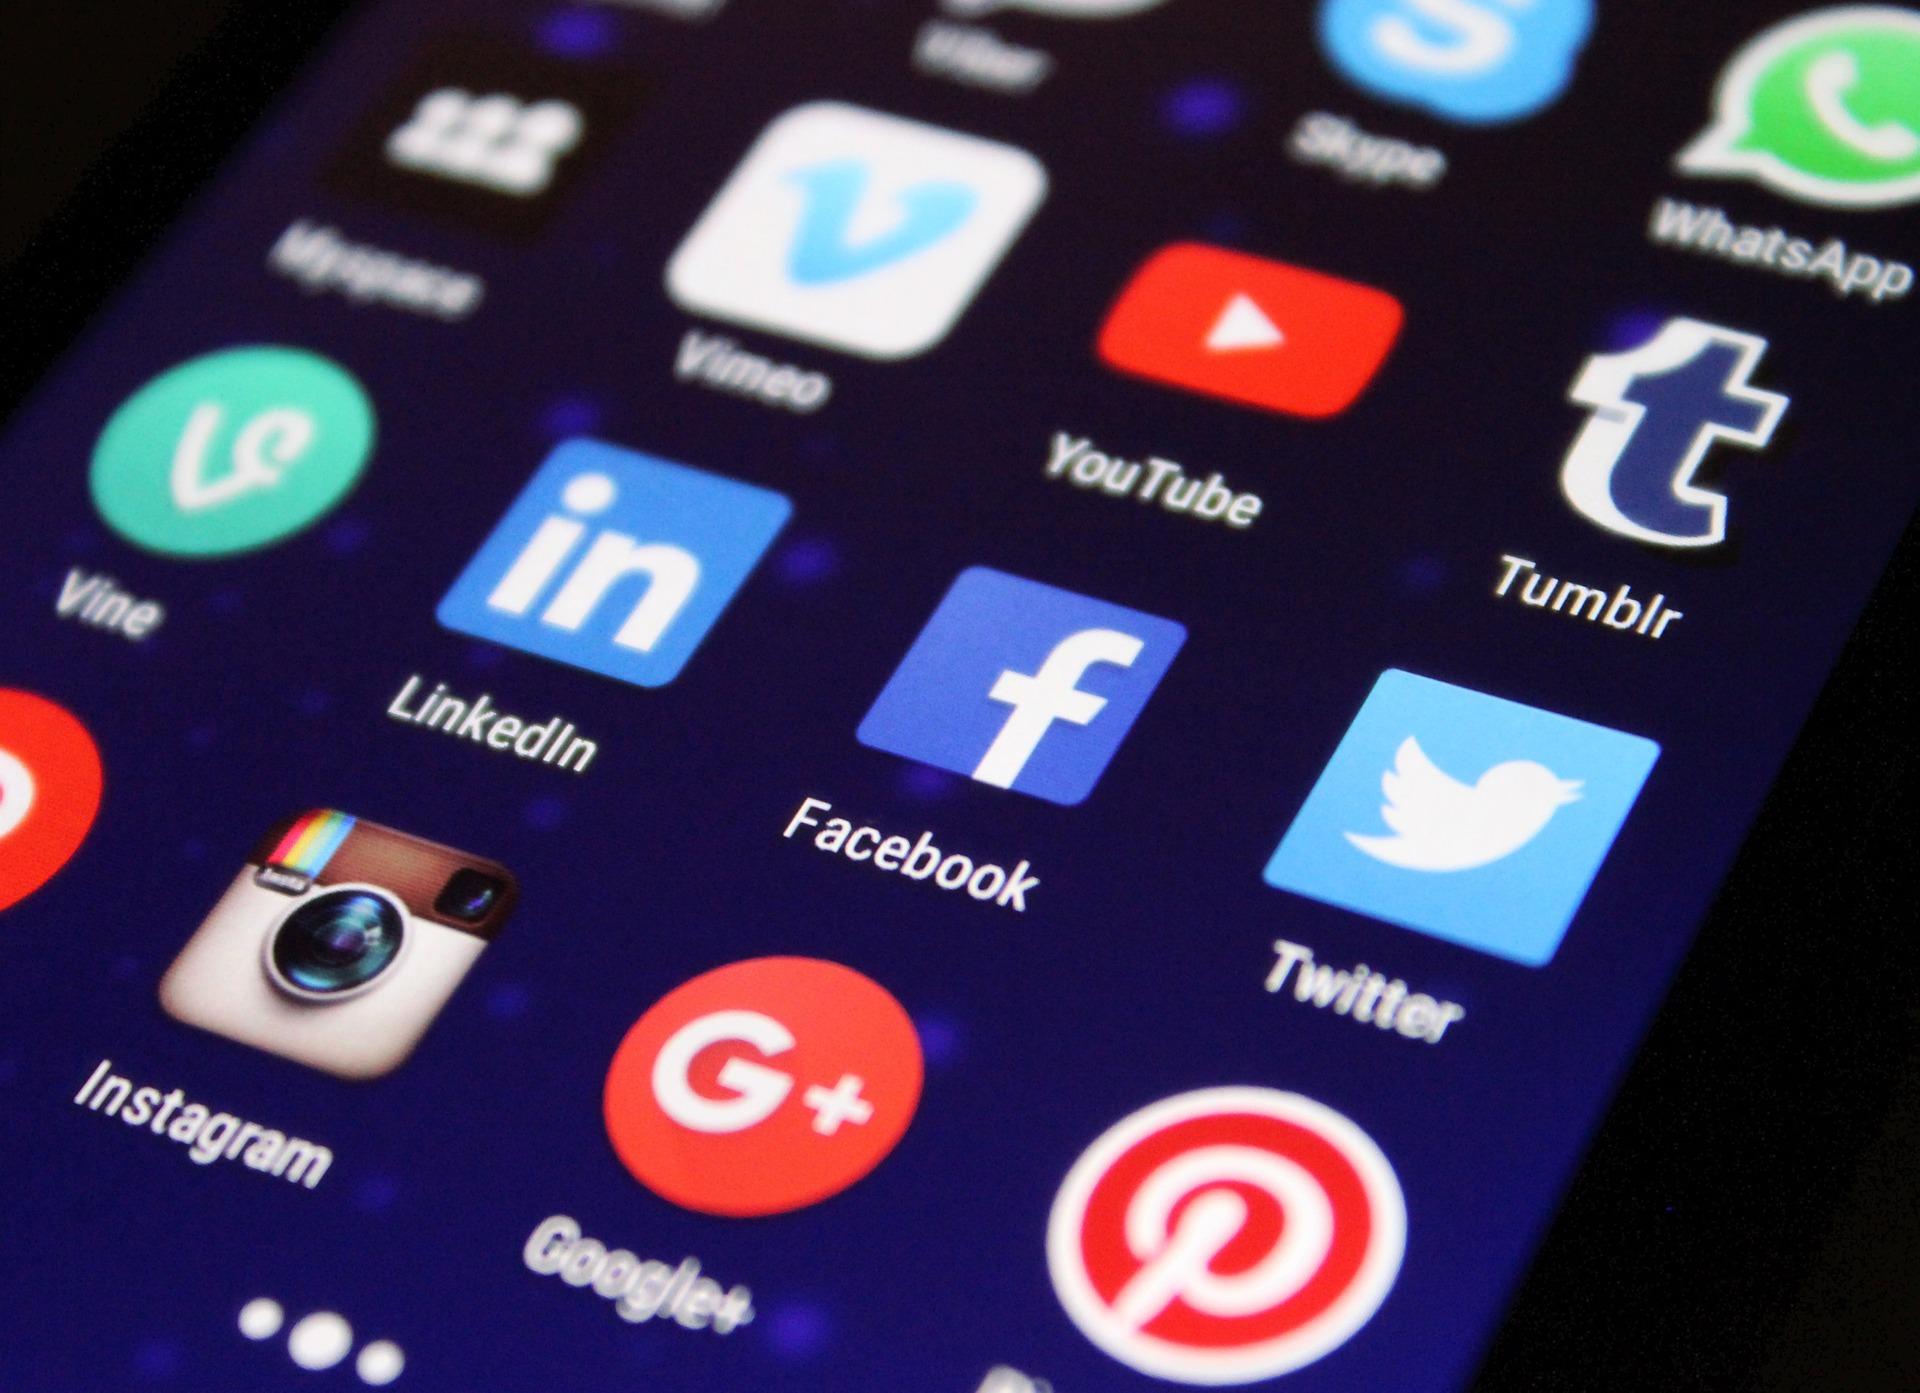 Corte di Cassazione – Le attività secondarie e l'uso dei social media da parte dei magistrati.